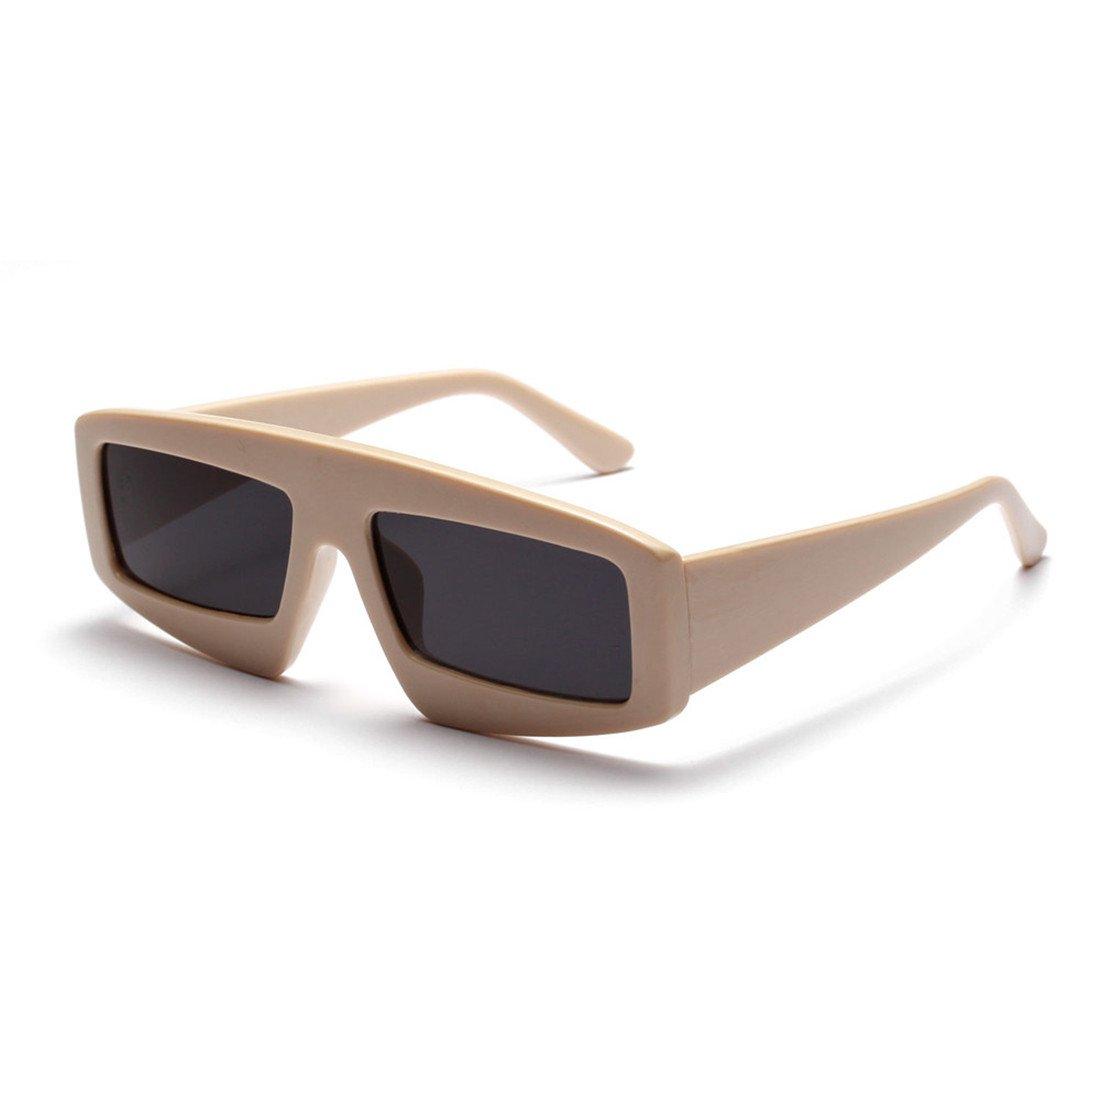 4e29bbf4c8bd2 Womens Sunglasses